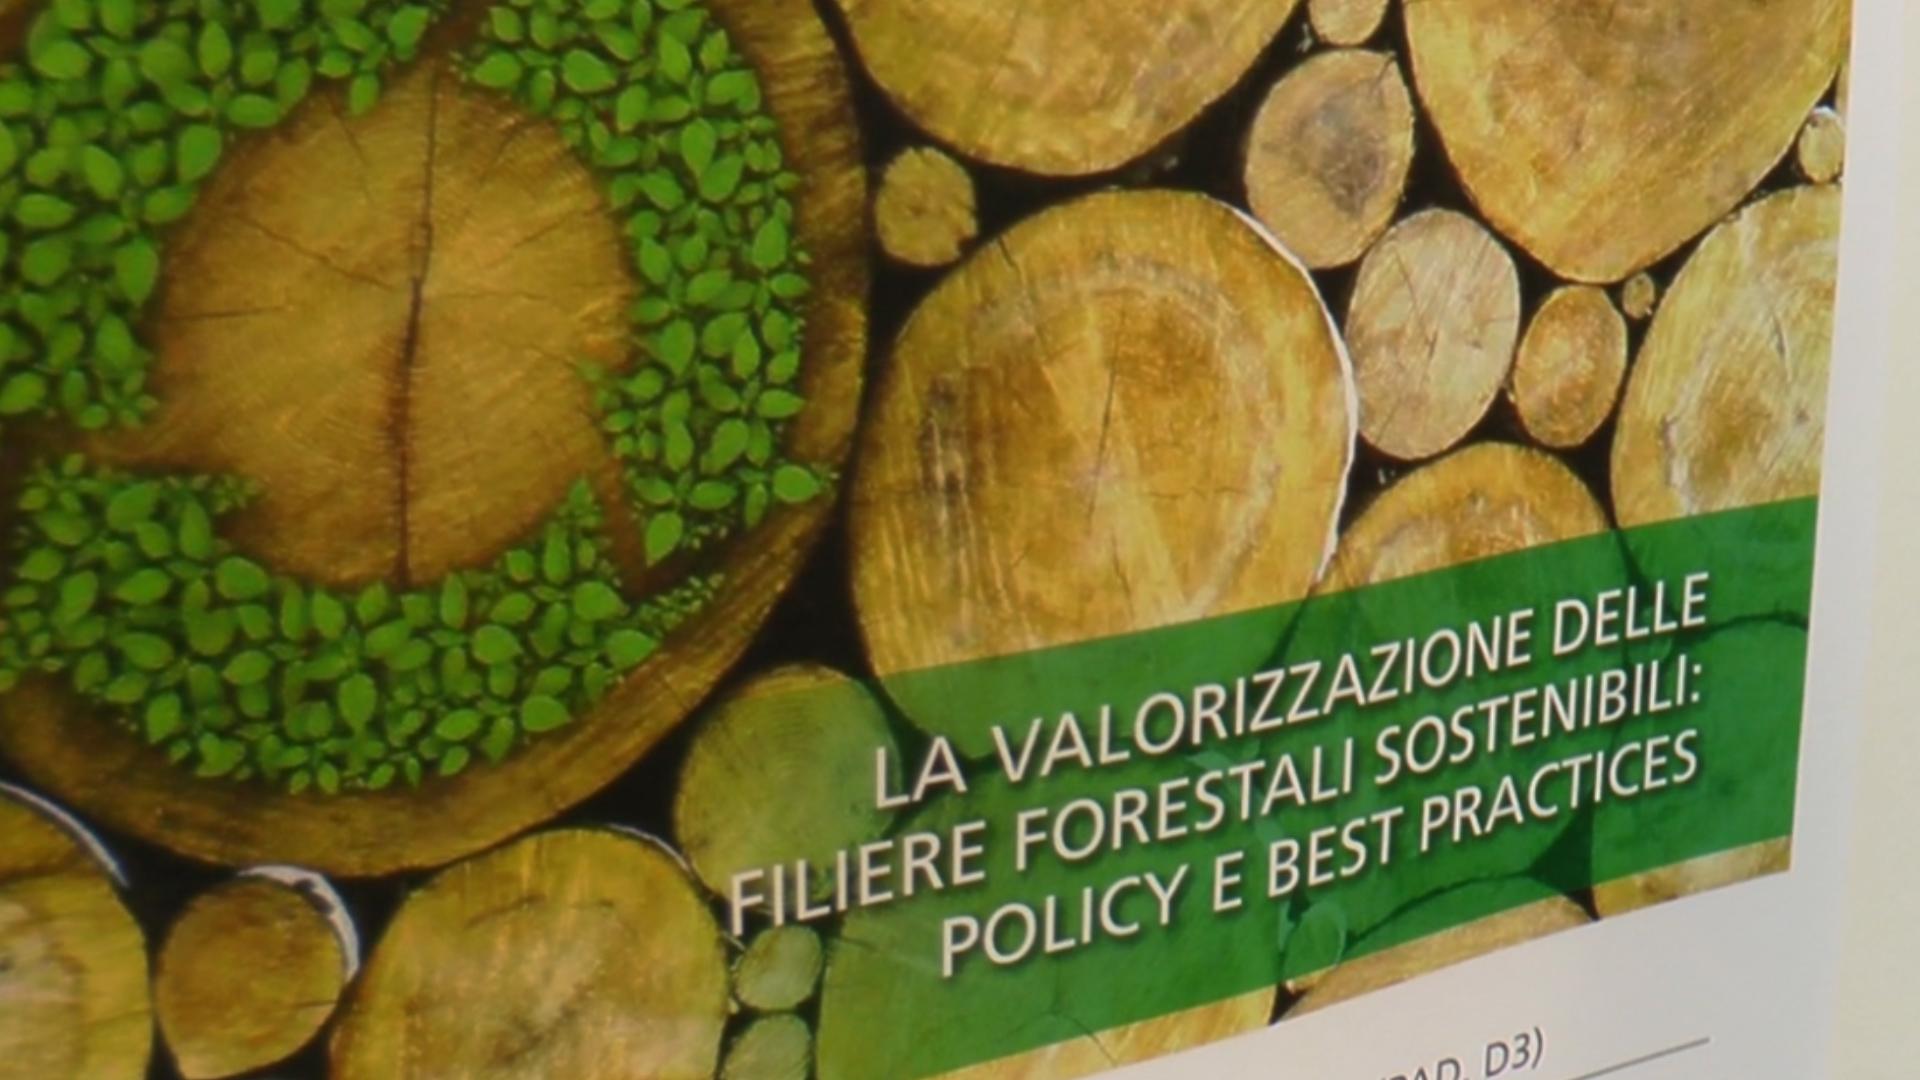 RISORSE FORESTALI: COME VALORIZZARE IL PATRIMONIO ITALIANO